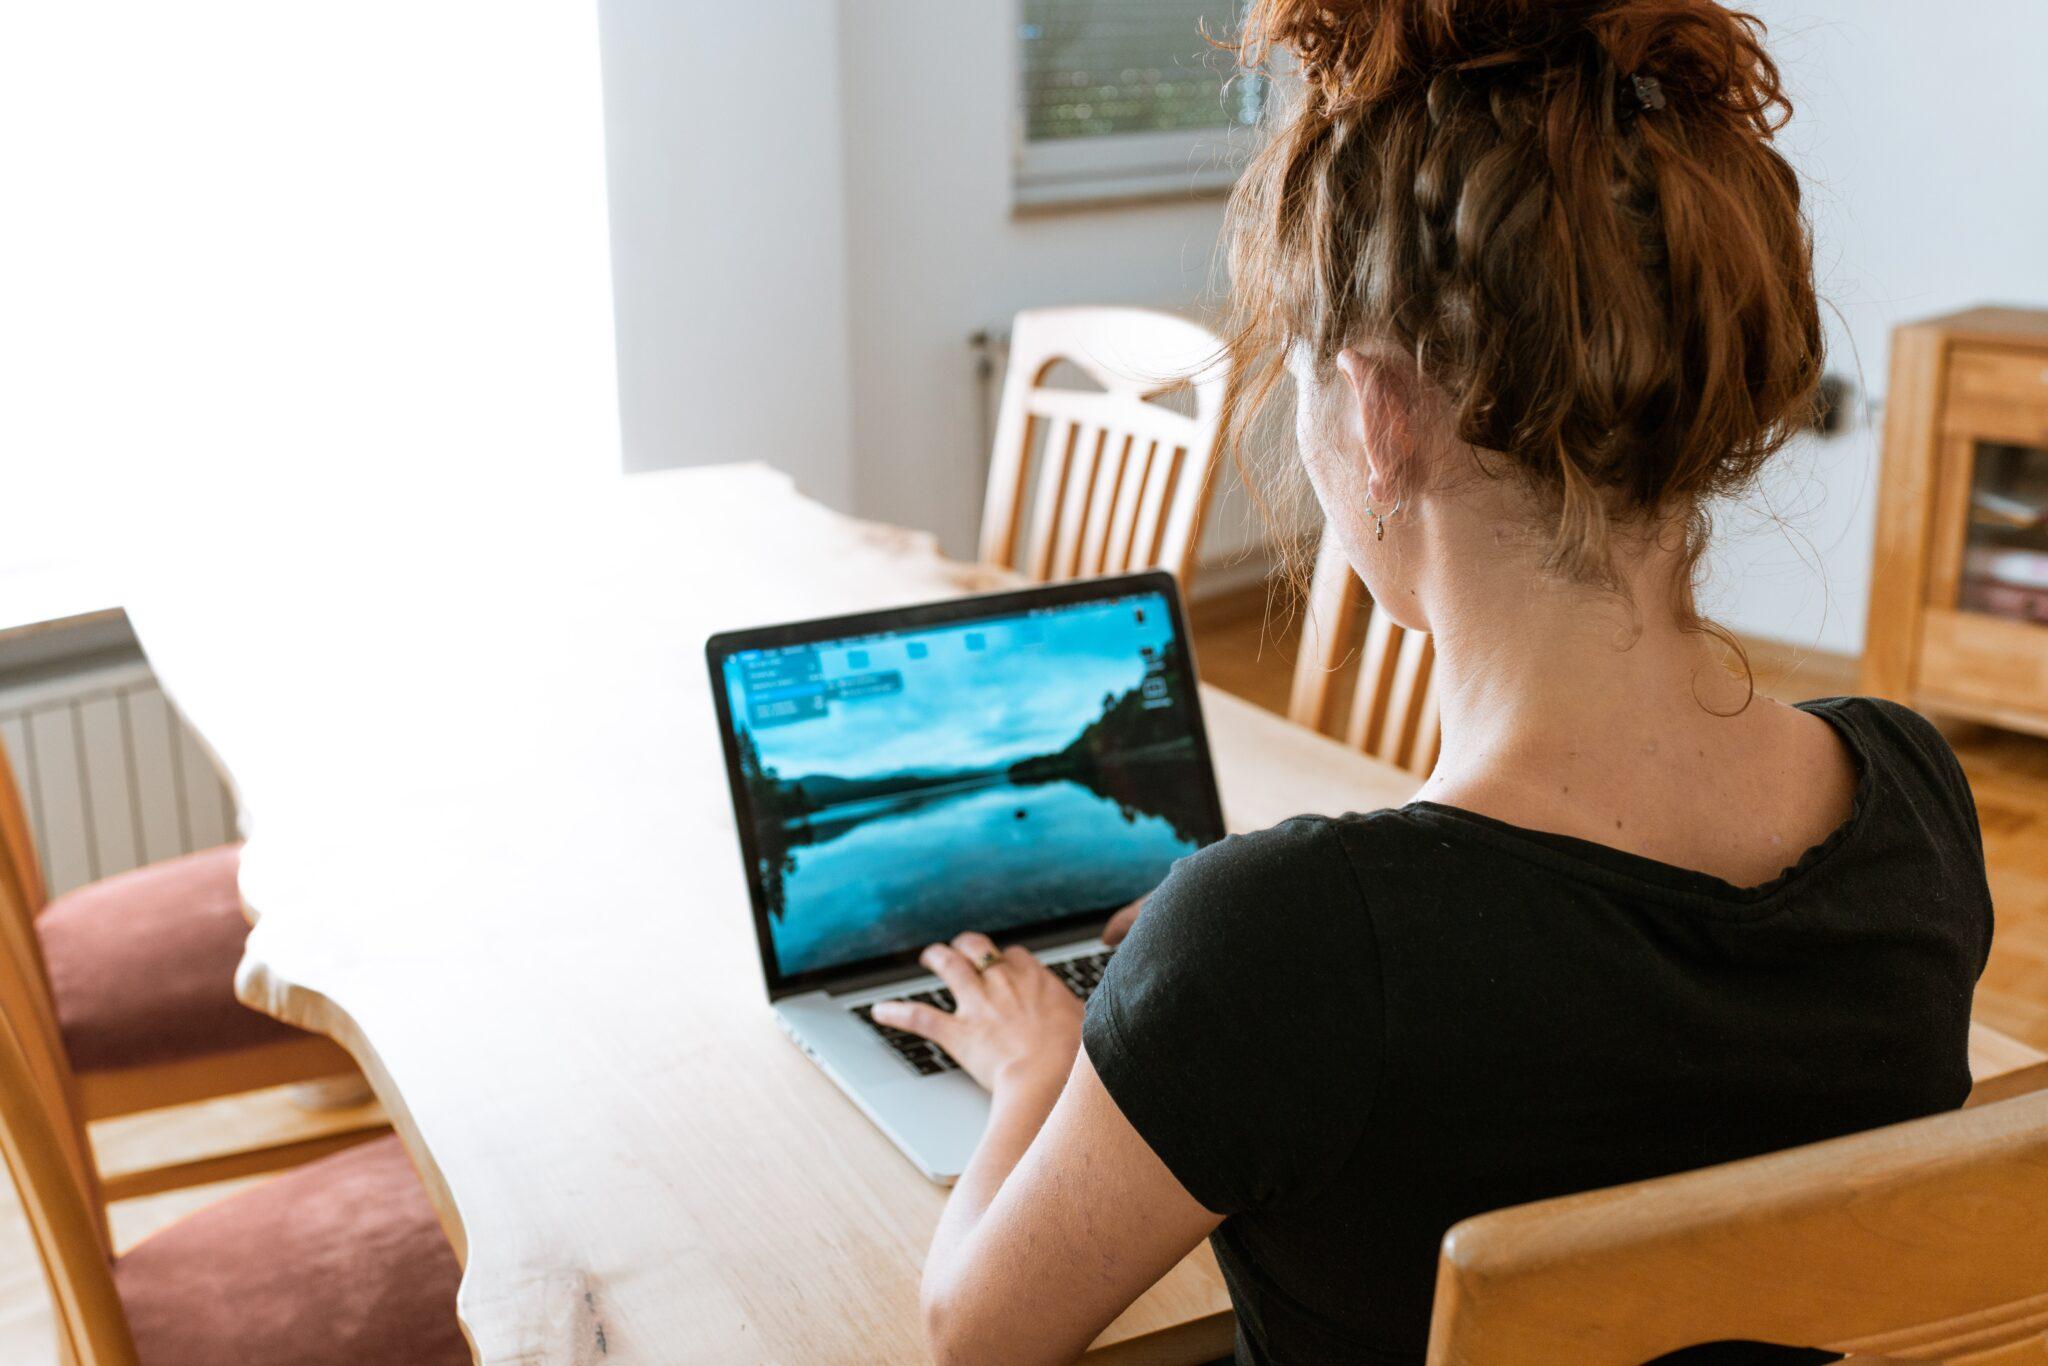 Eine Frau sitzt am Laptop arbeitend an einem Küchentisch